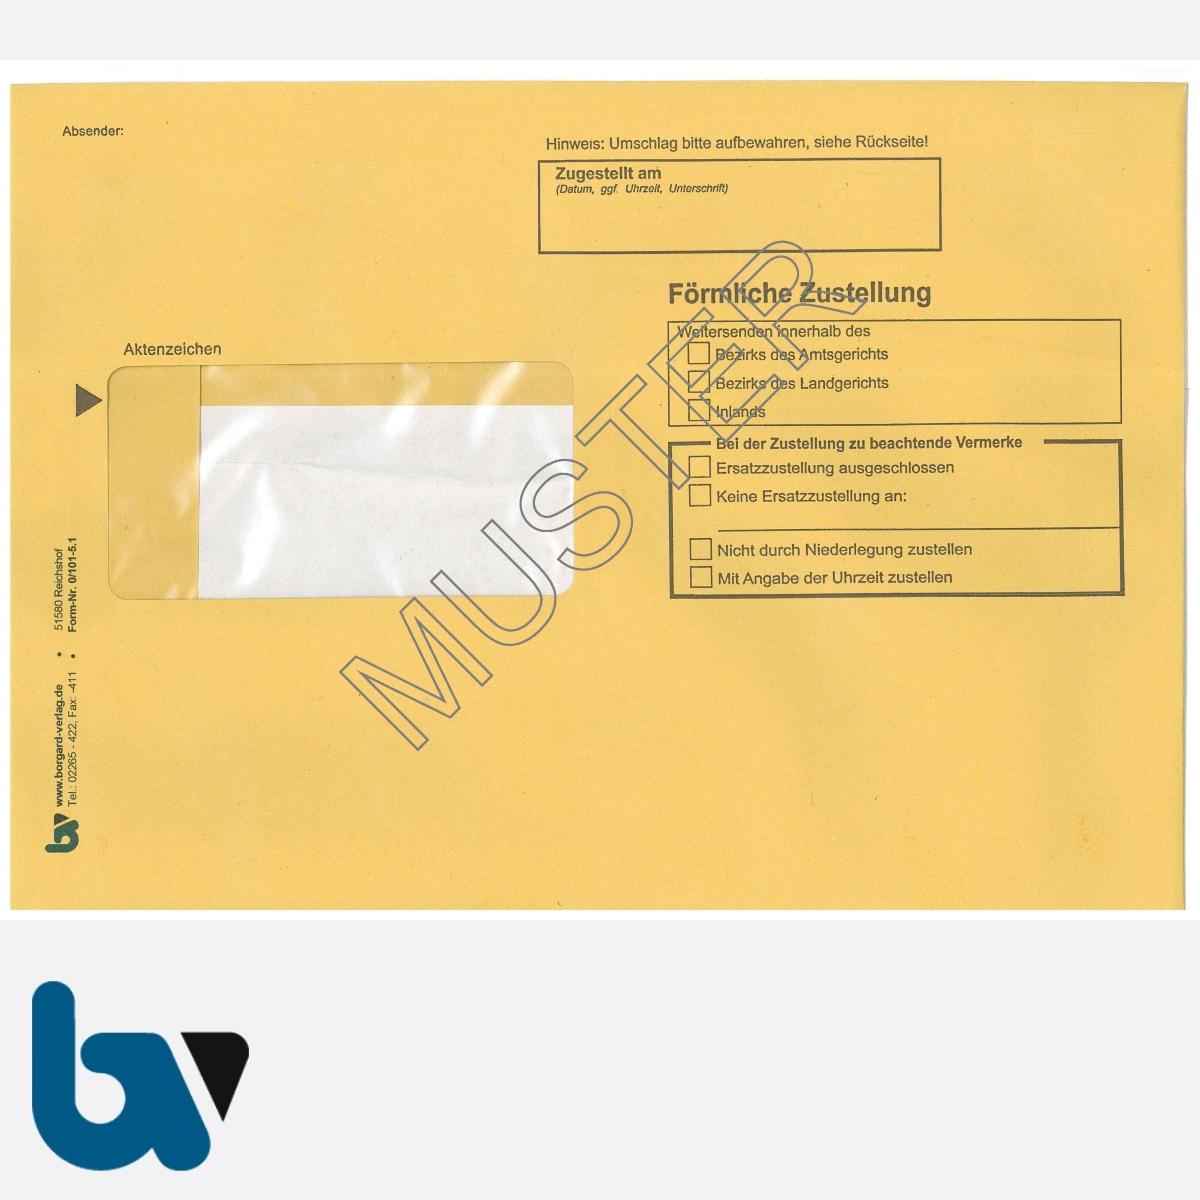 0/101-5.1 Förmliche Zustellung - Innerer Umschlag, DIN C5, mit Fenster, nassklebend, Vorderseite | Borgard Verlag GmbH